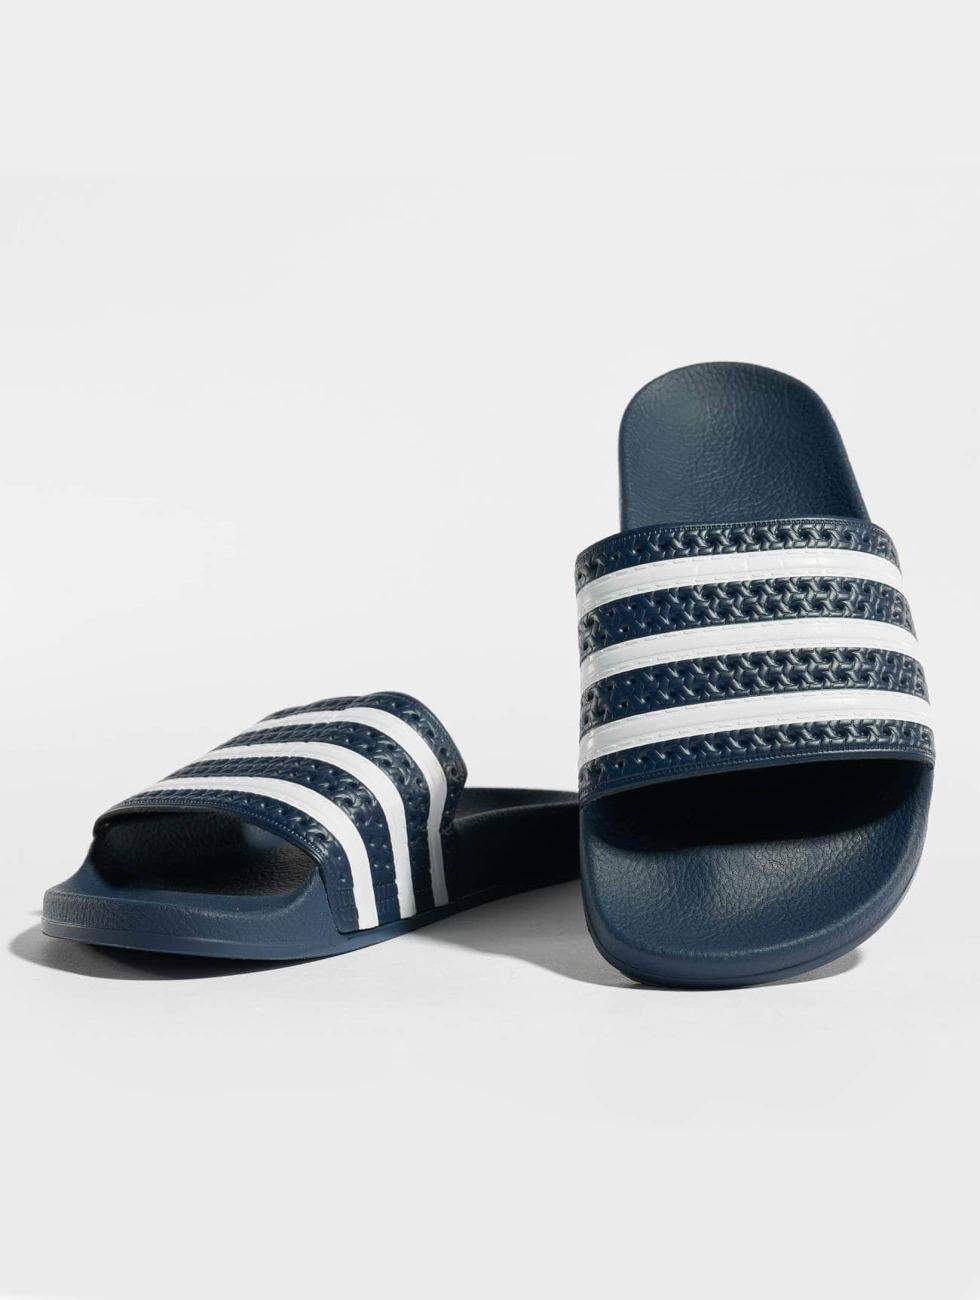 Adidas Originals Chaussures / Pantoufles / Sandales Adil Filets En Bleu 64490 Vente De Sortie De Prix Pas Cher Acheter Pas Cher Footlocker Finishline Acheter Prix Bon Marché Obtenir Authentique Pas Cher En Ligne PLBE9